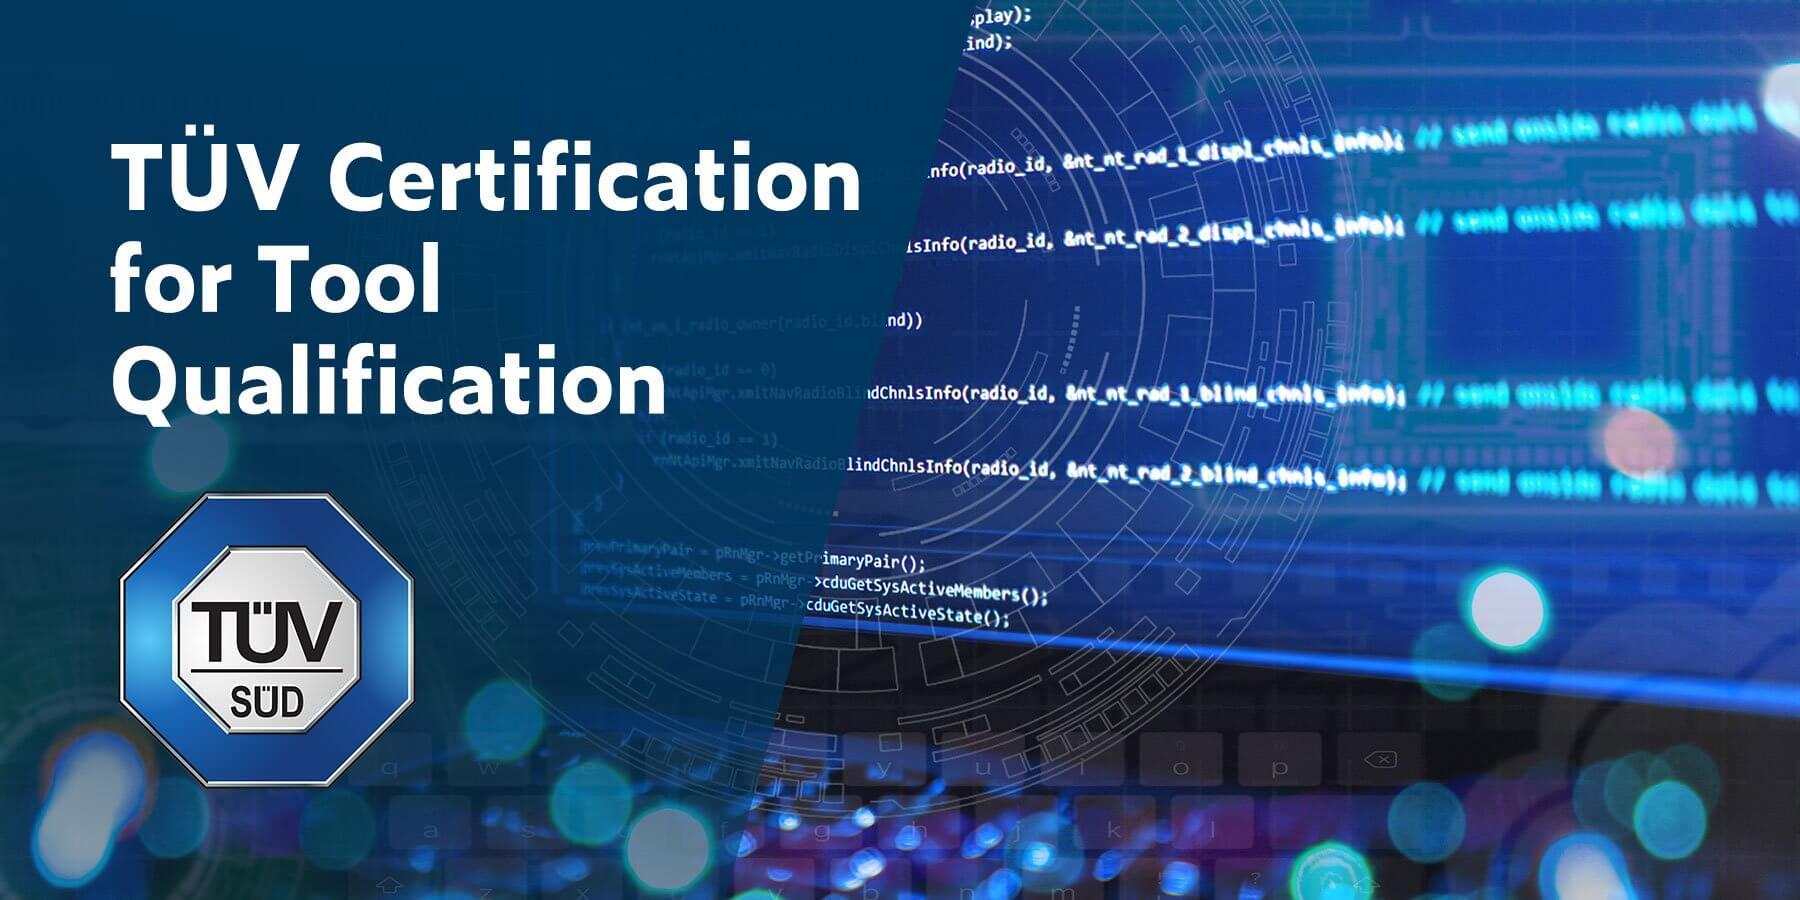 Calificación de una herramienta de prueba de software con el certificado TÜV